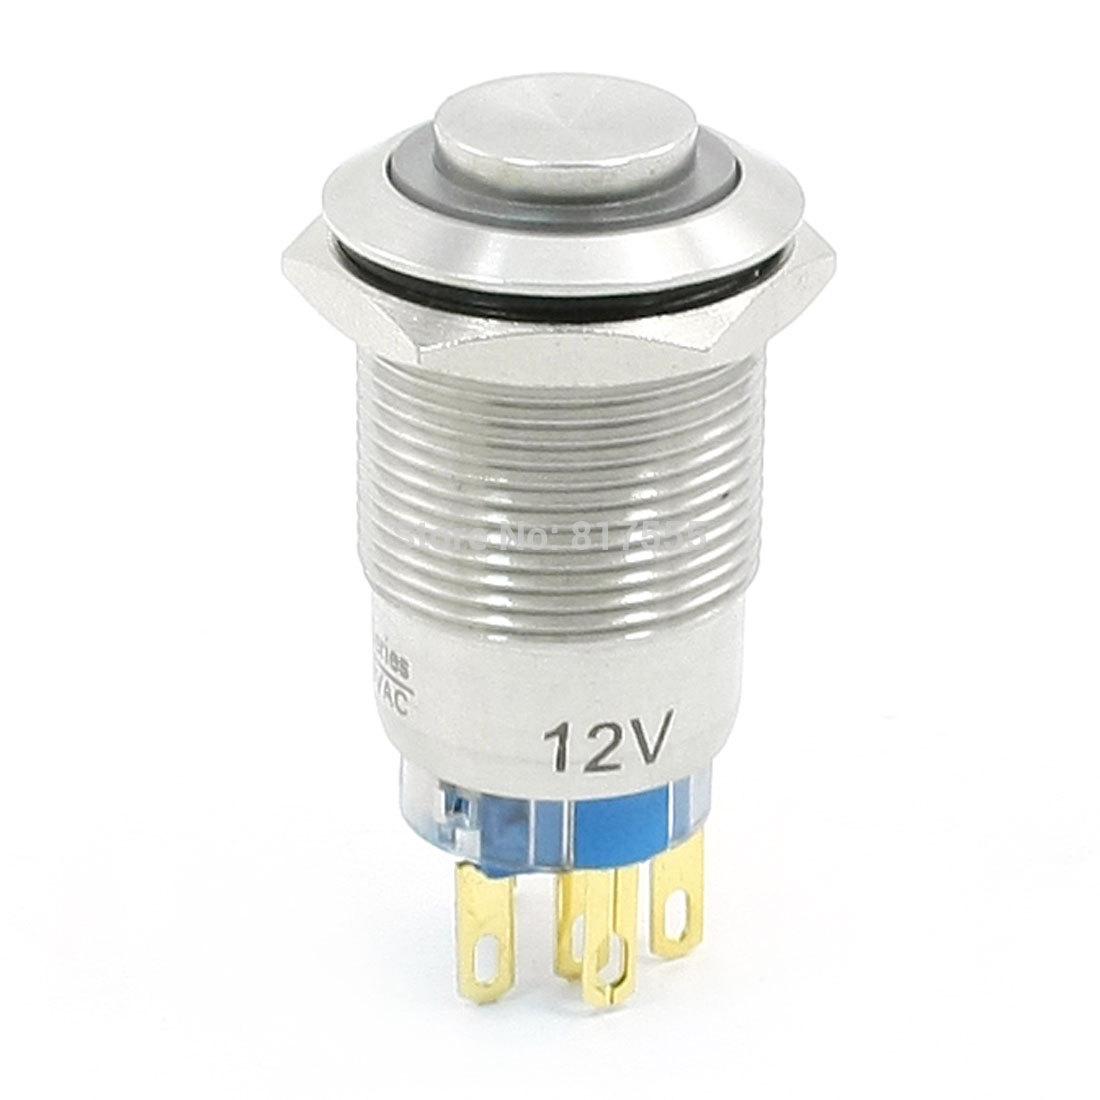 Кнопочный переключатель Amico DC 12V 19 Dia NC a13101600ux0102